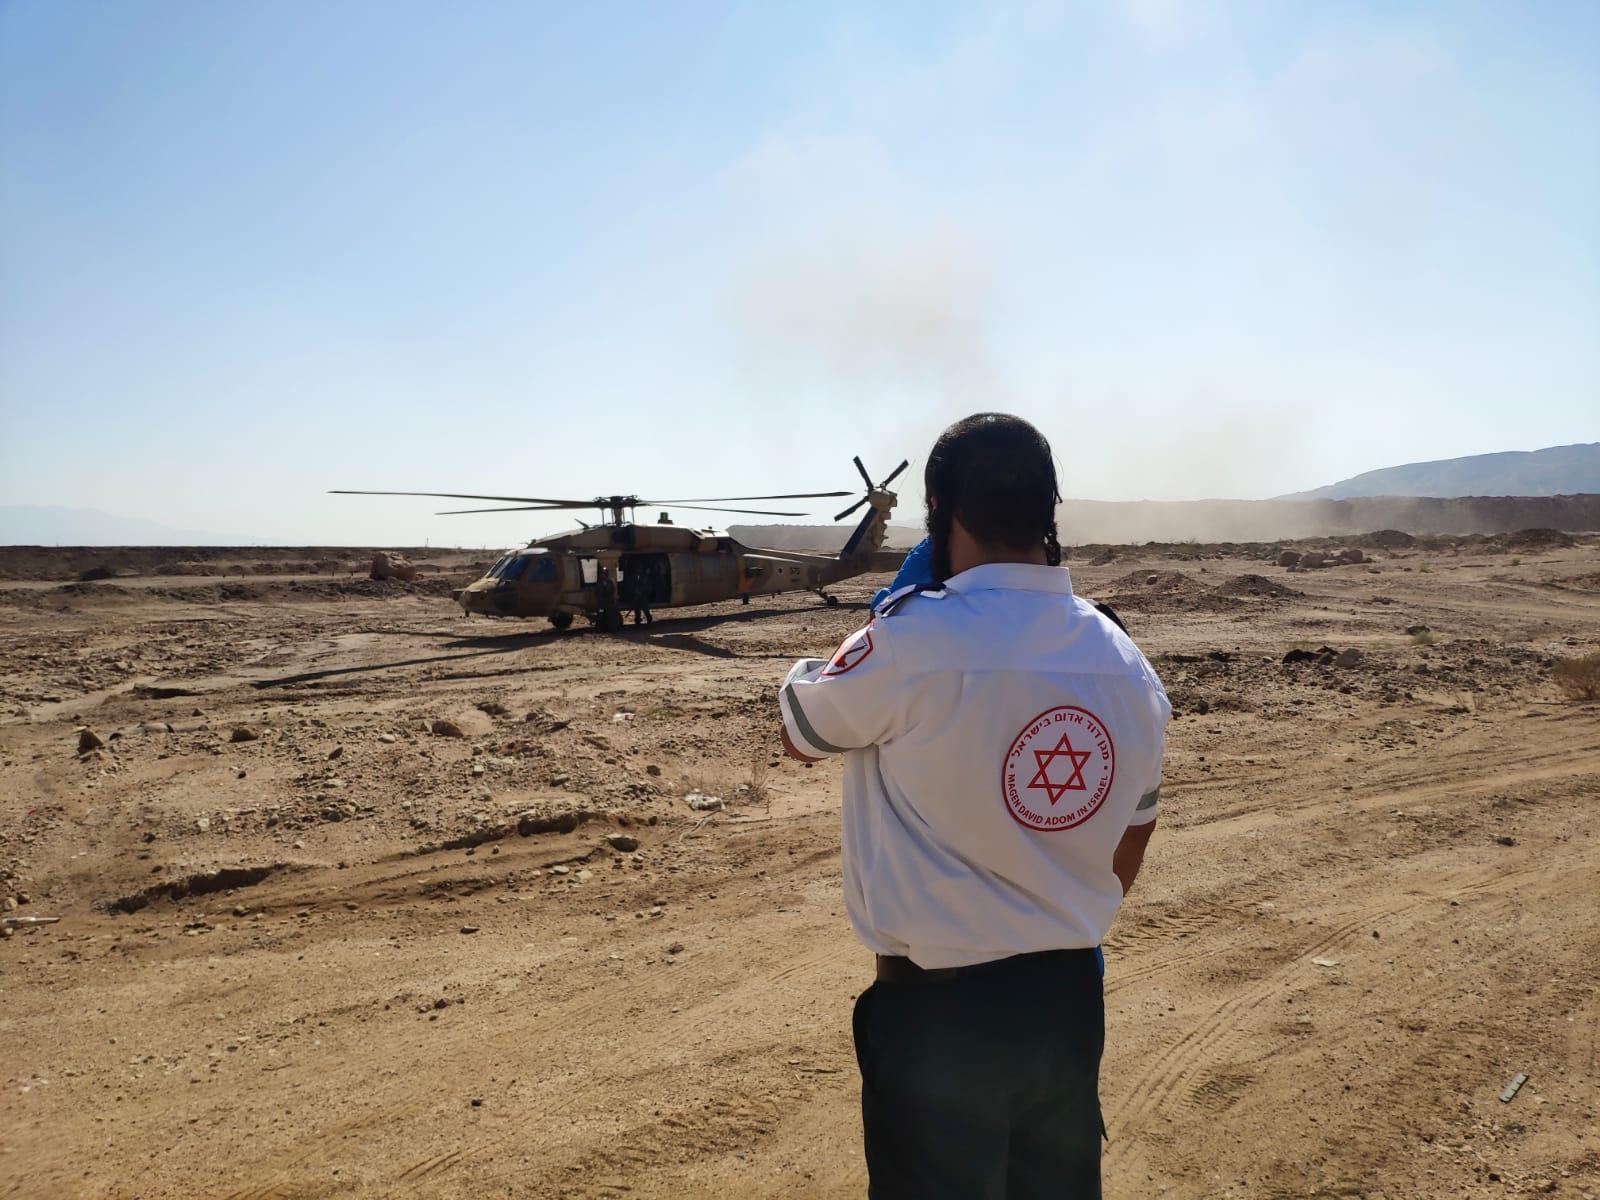 צפו בסרטון החילוץ הדרמטי ממצוק הרי אילת אתמול